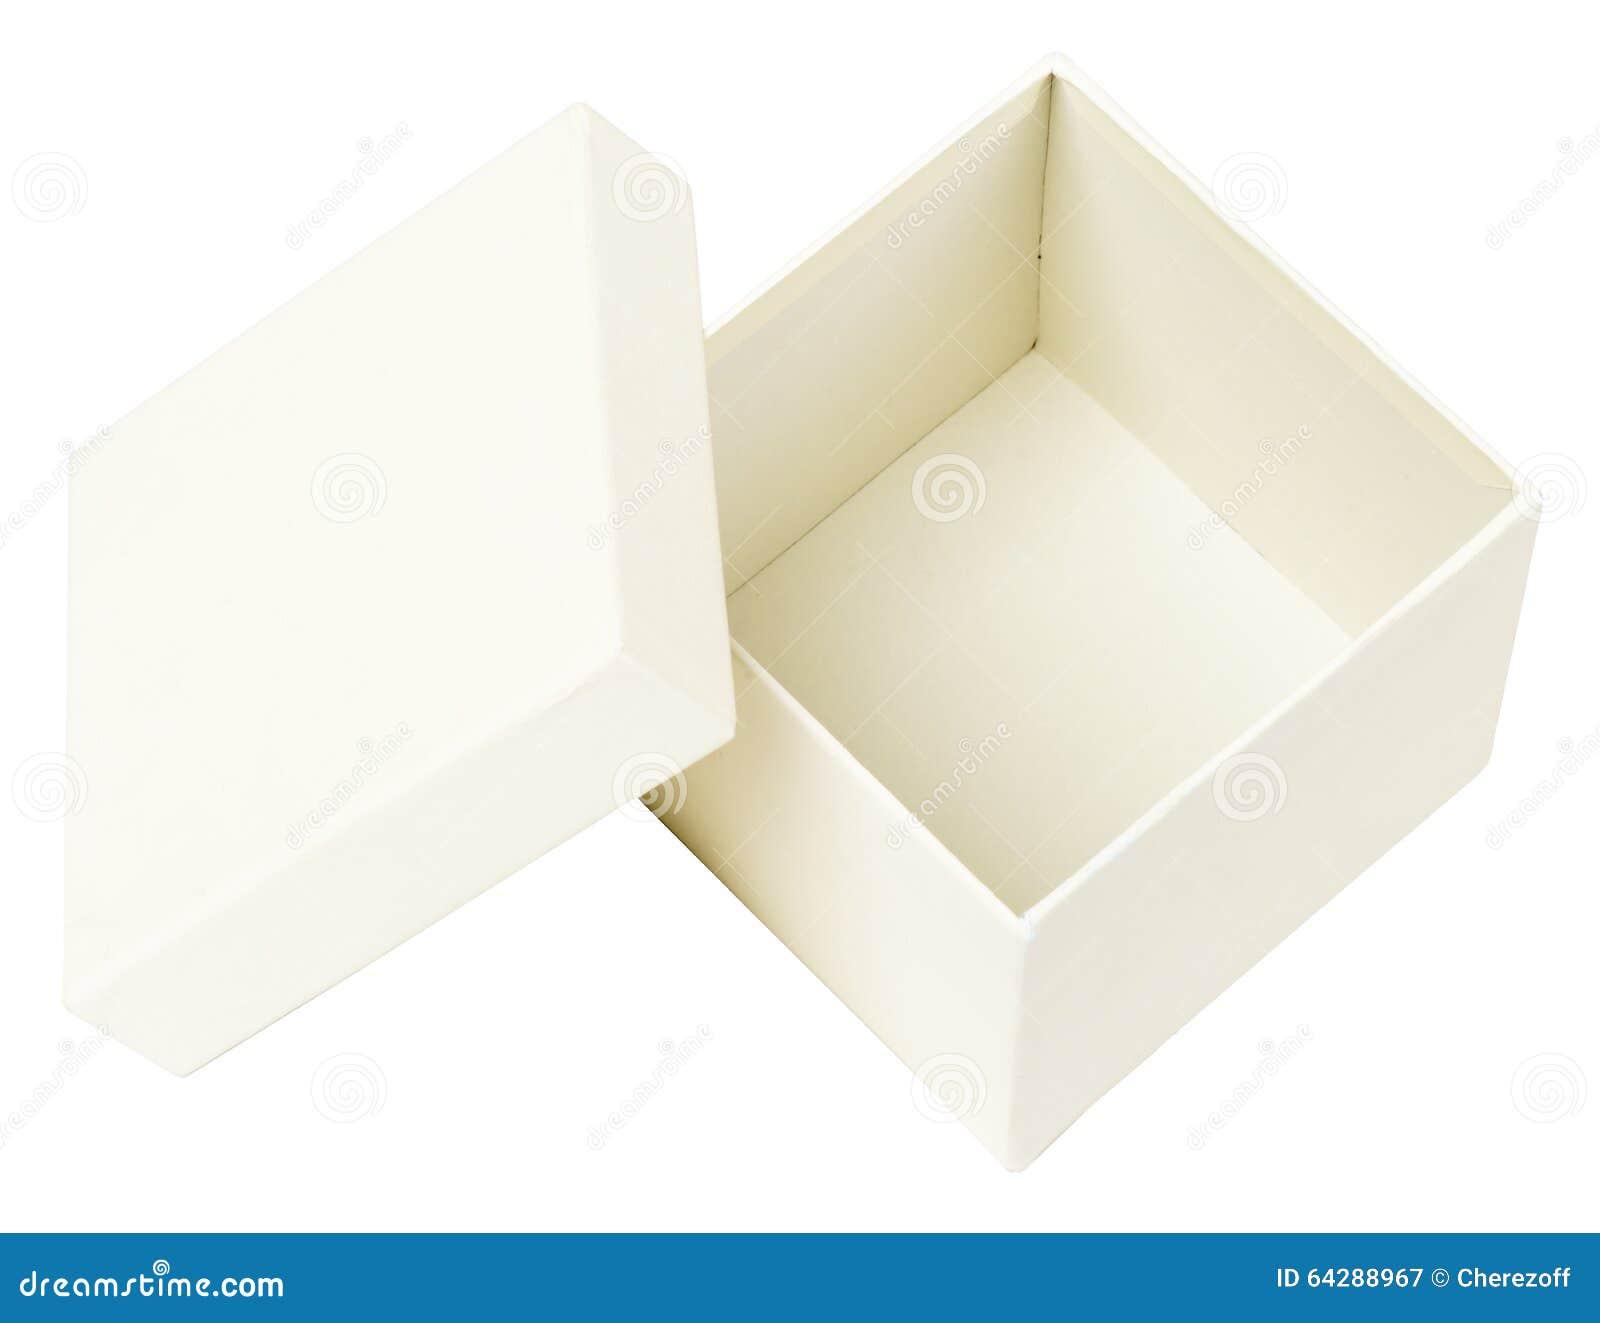 Open White Box Stock Photo - Image: 64288967